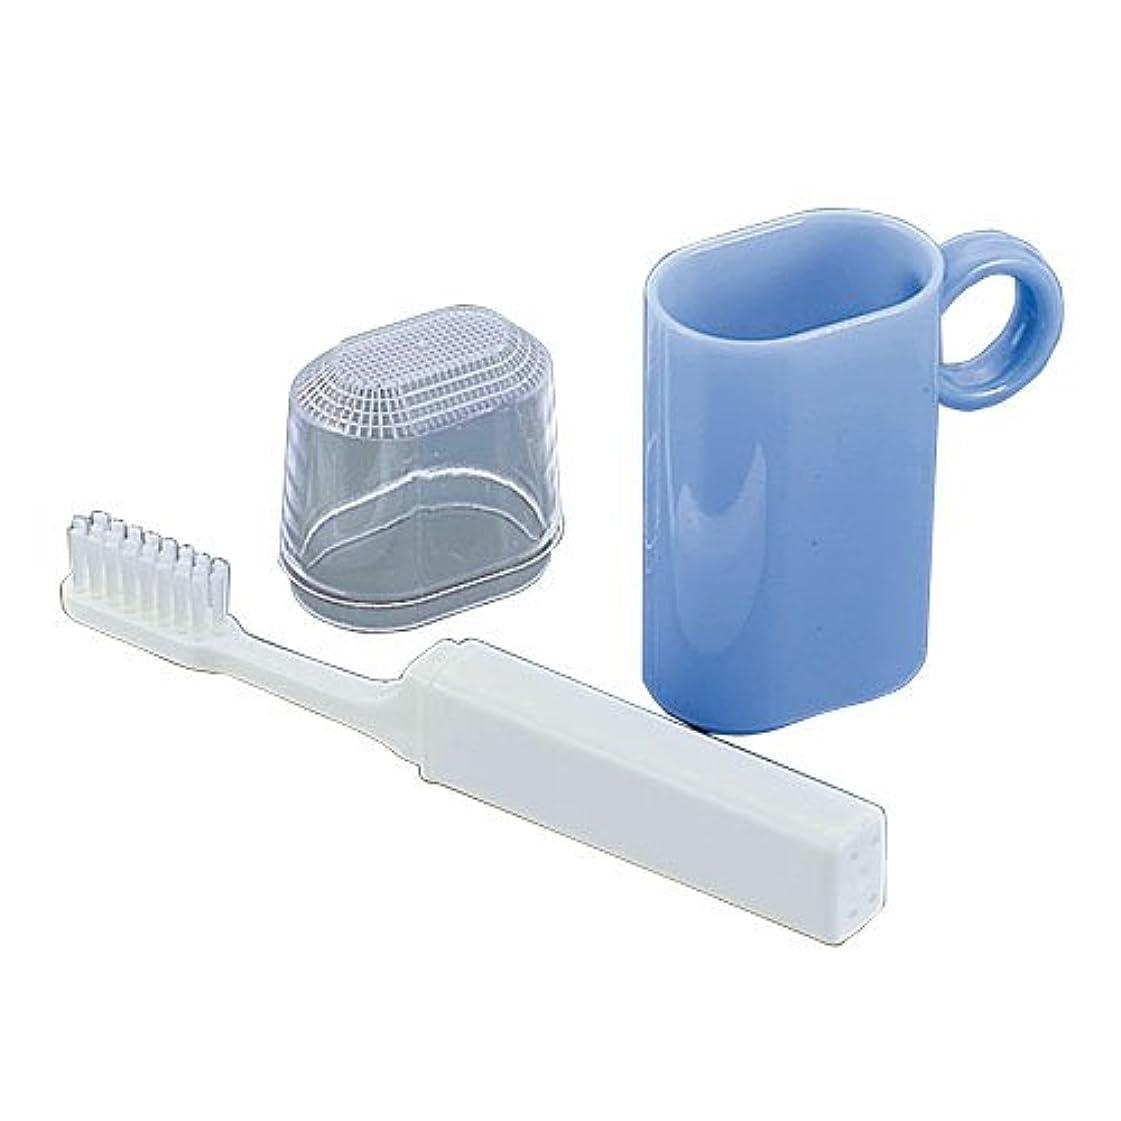 シュリンク自我ハイジャックコップ付歯ブラシセット ブルー